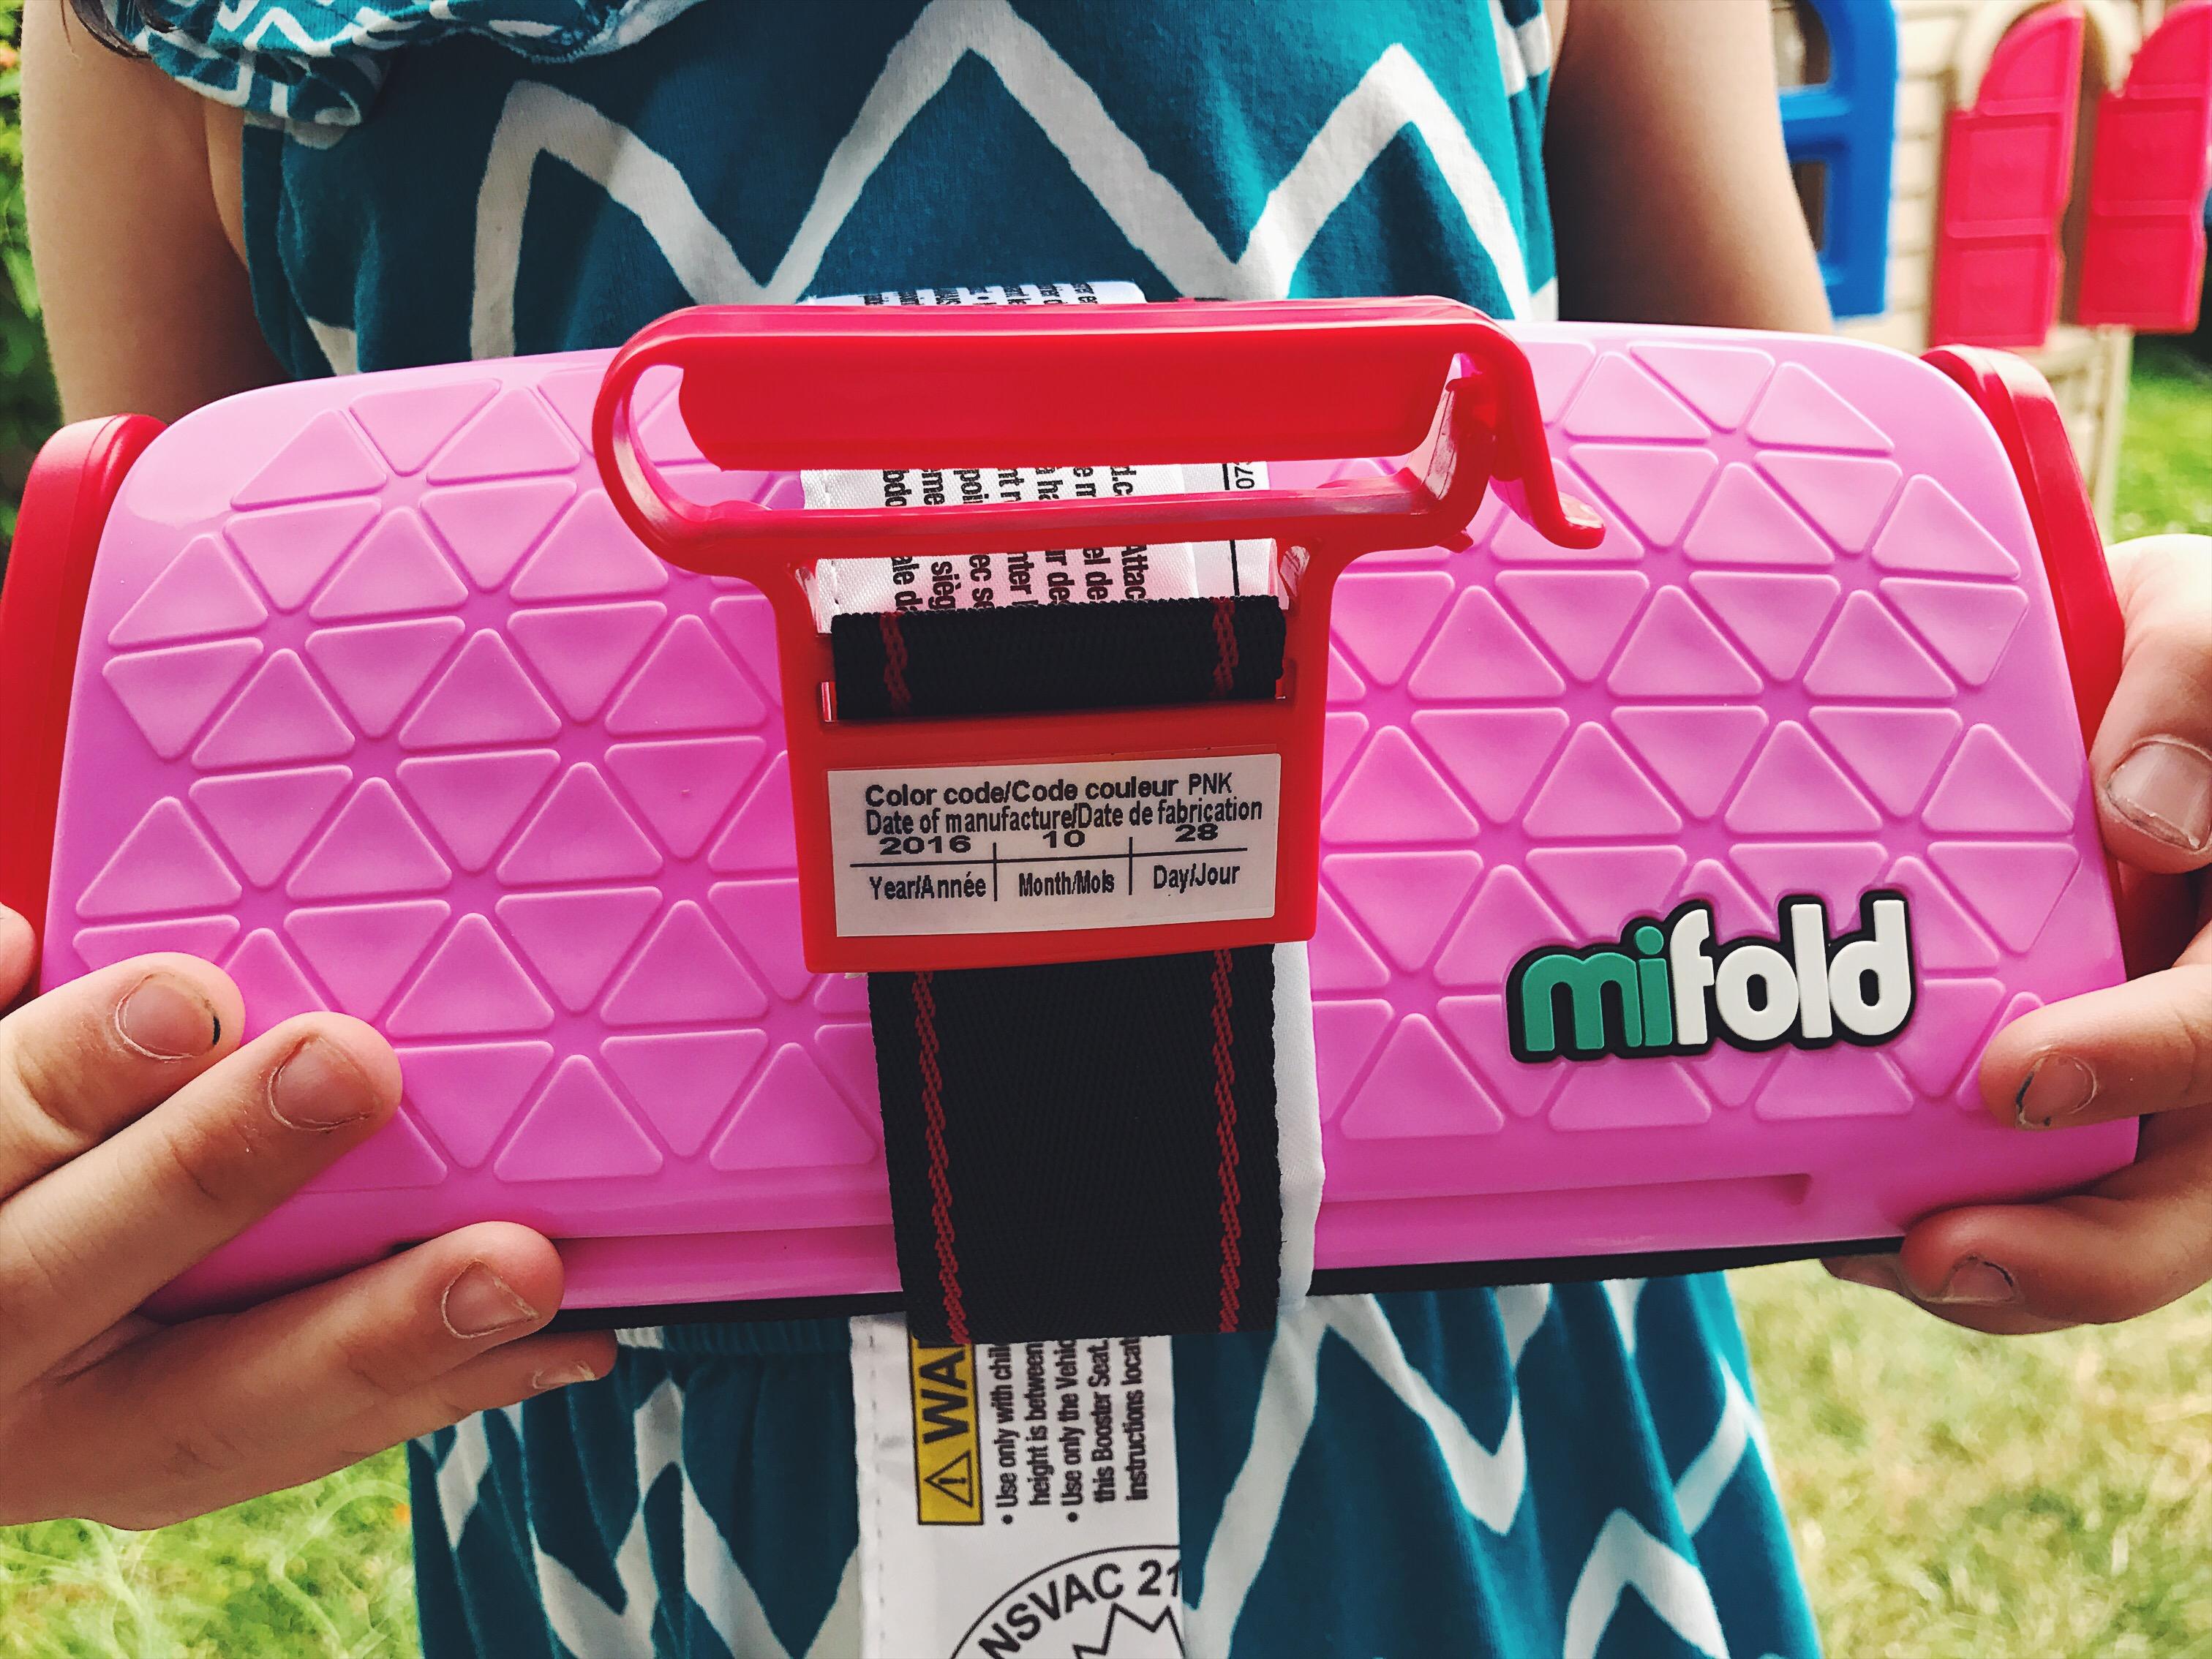 Car seat booster, small, portable car seat, Mifold booster, Mifold car seat, dad blog, Canada blogger, daddy blogger, Vancouver blogger, social dad, James smith, James RC smith